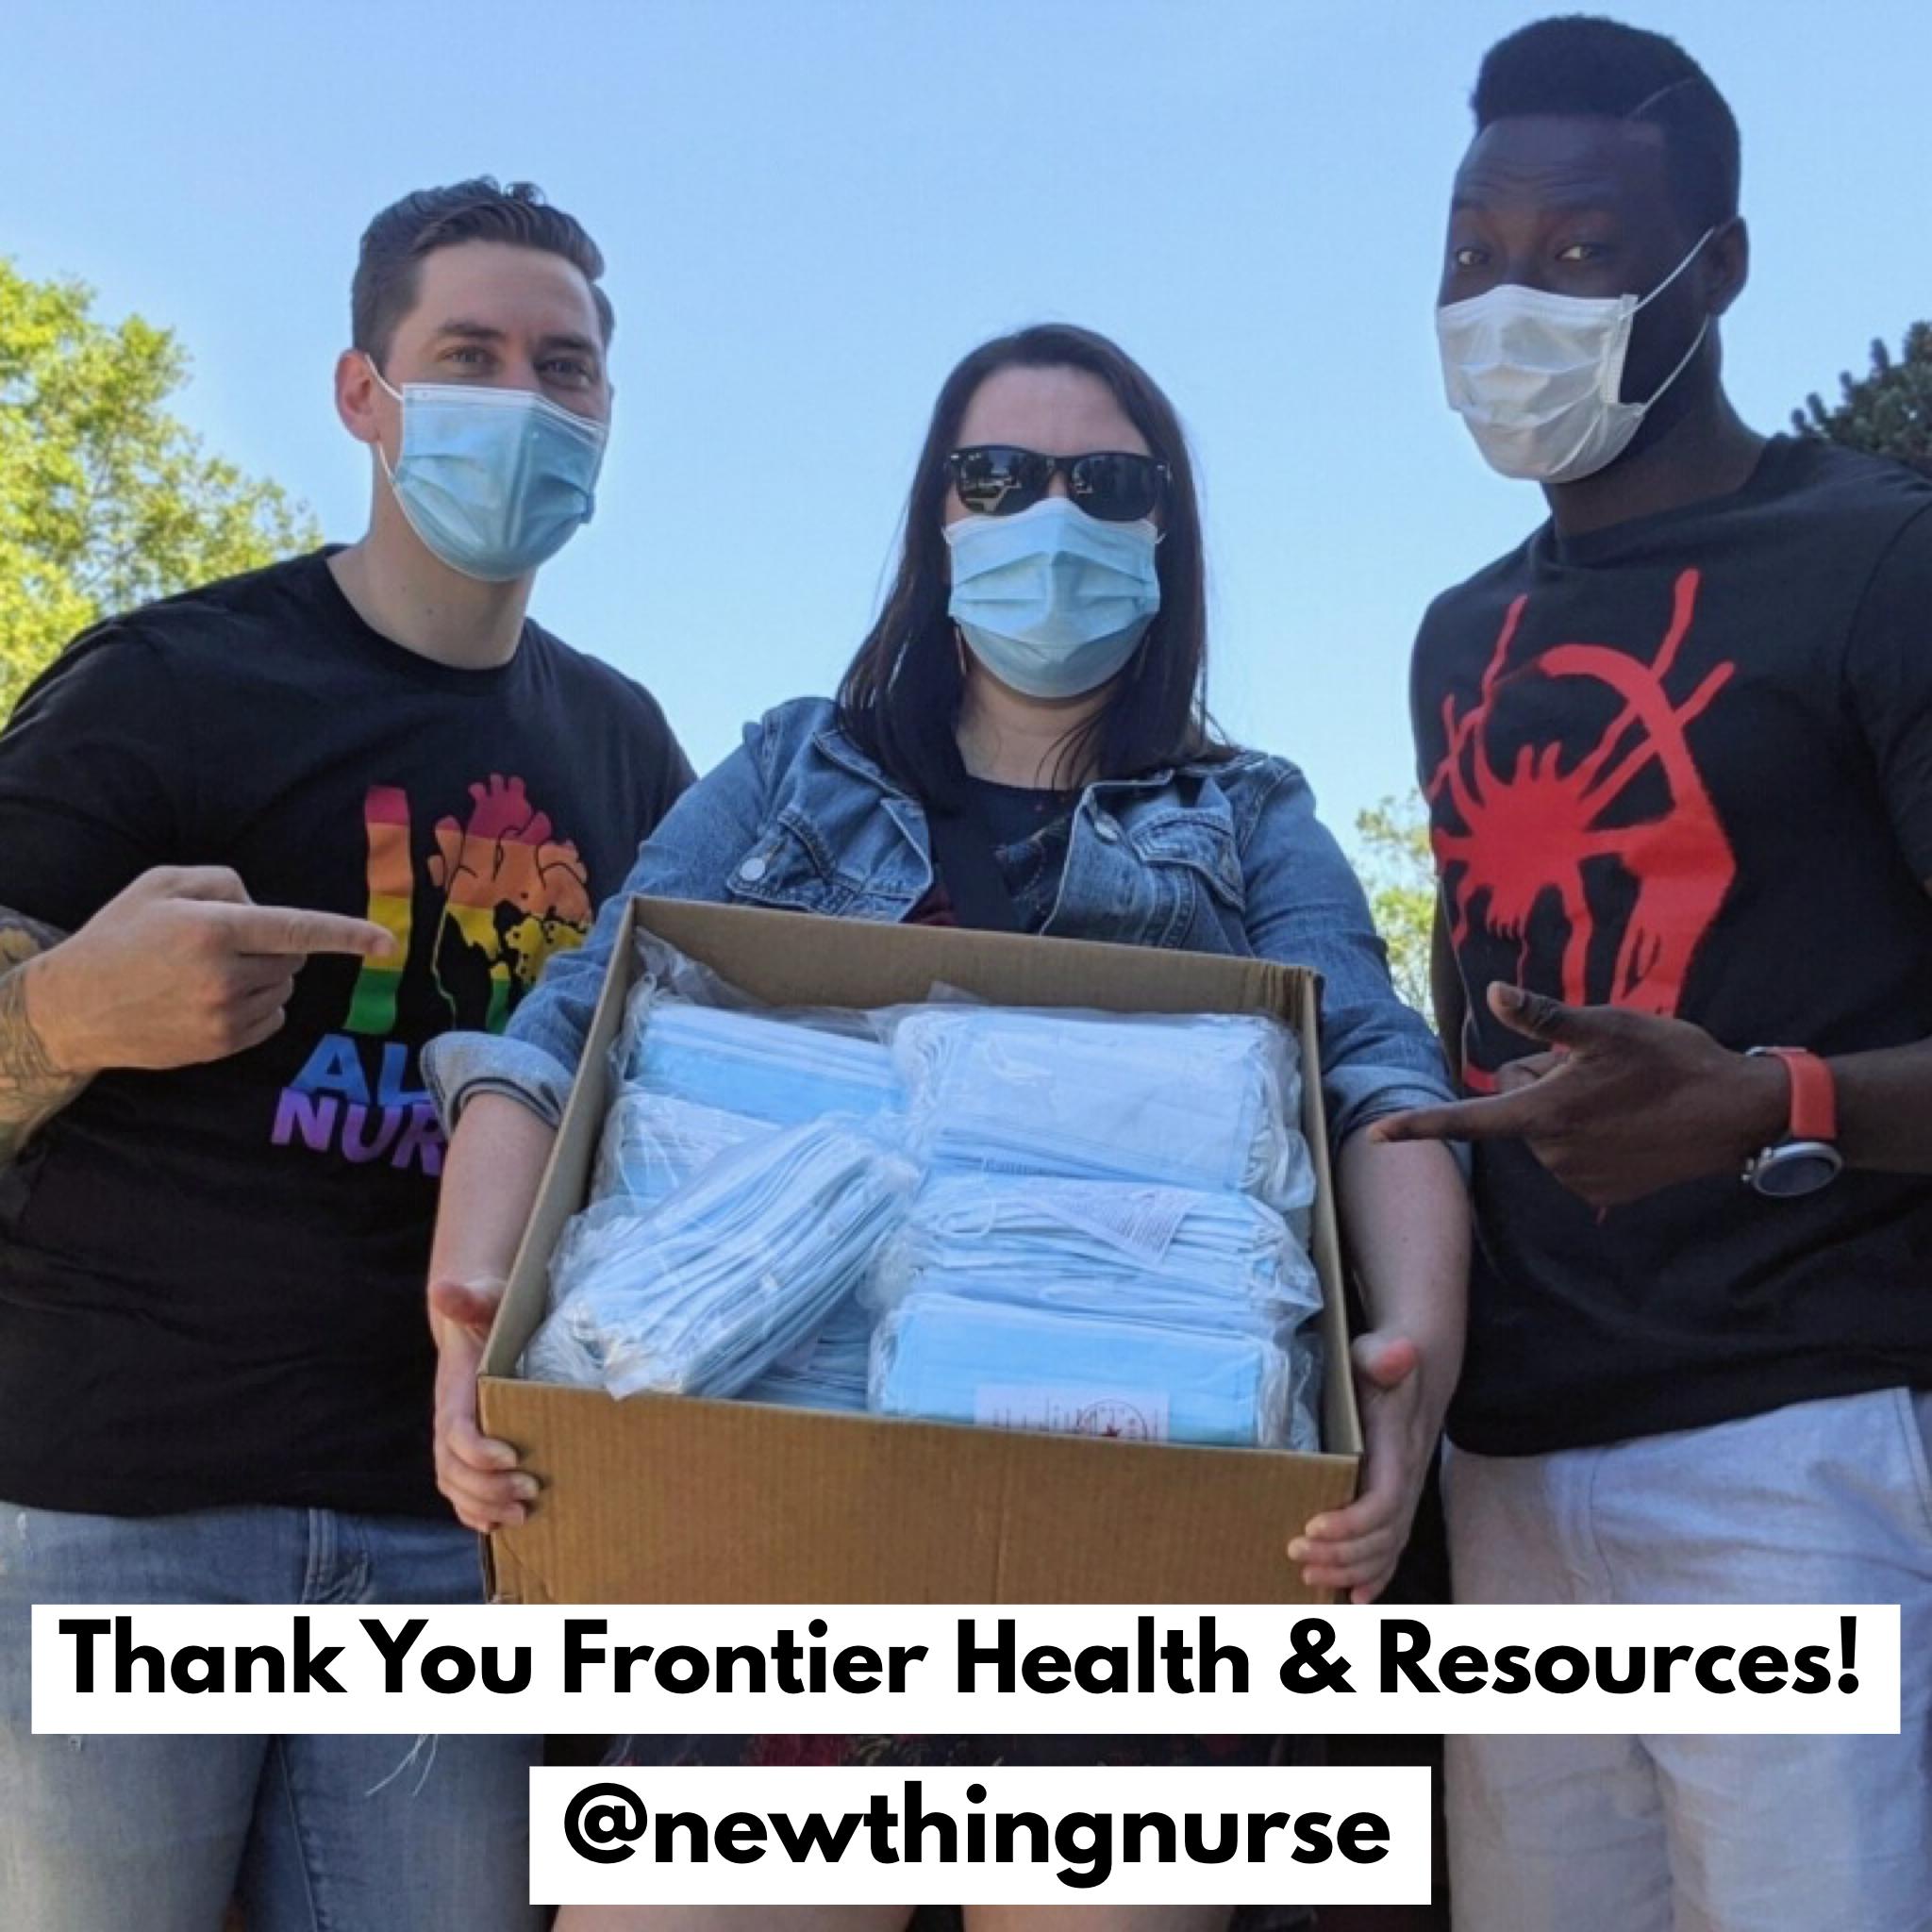 2020年6月4日:前沿健康解决方案的Joey Ferry,RN和Taofiki Gafar Schaner,BSN,RN向New Thing Nurse PPE护理包项目捐赠了500多个外科口罩!点击图片阅读更多!新万博官方app